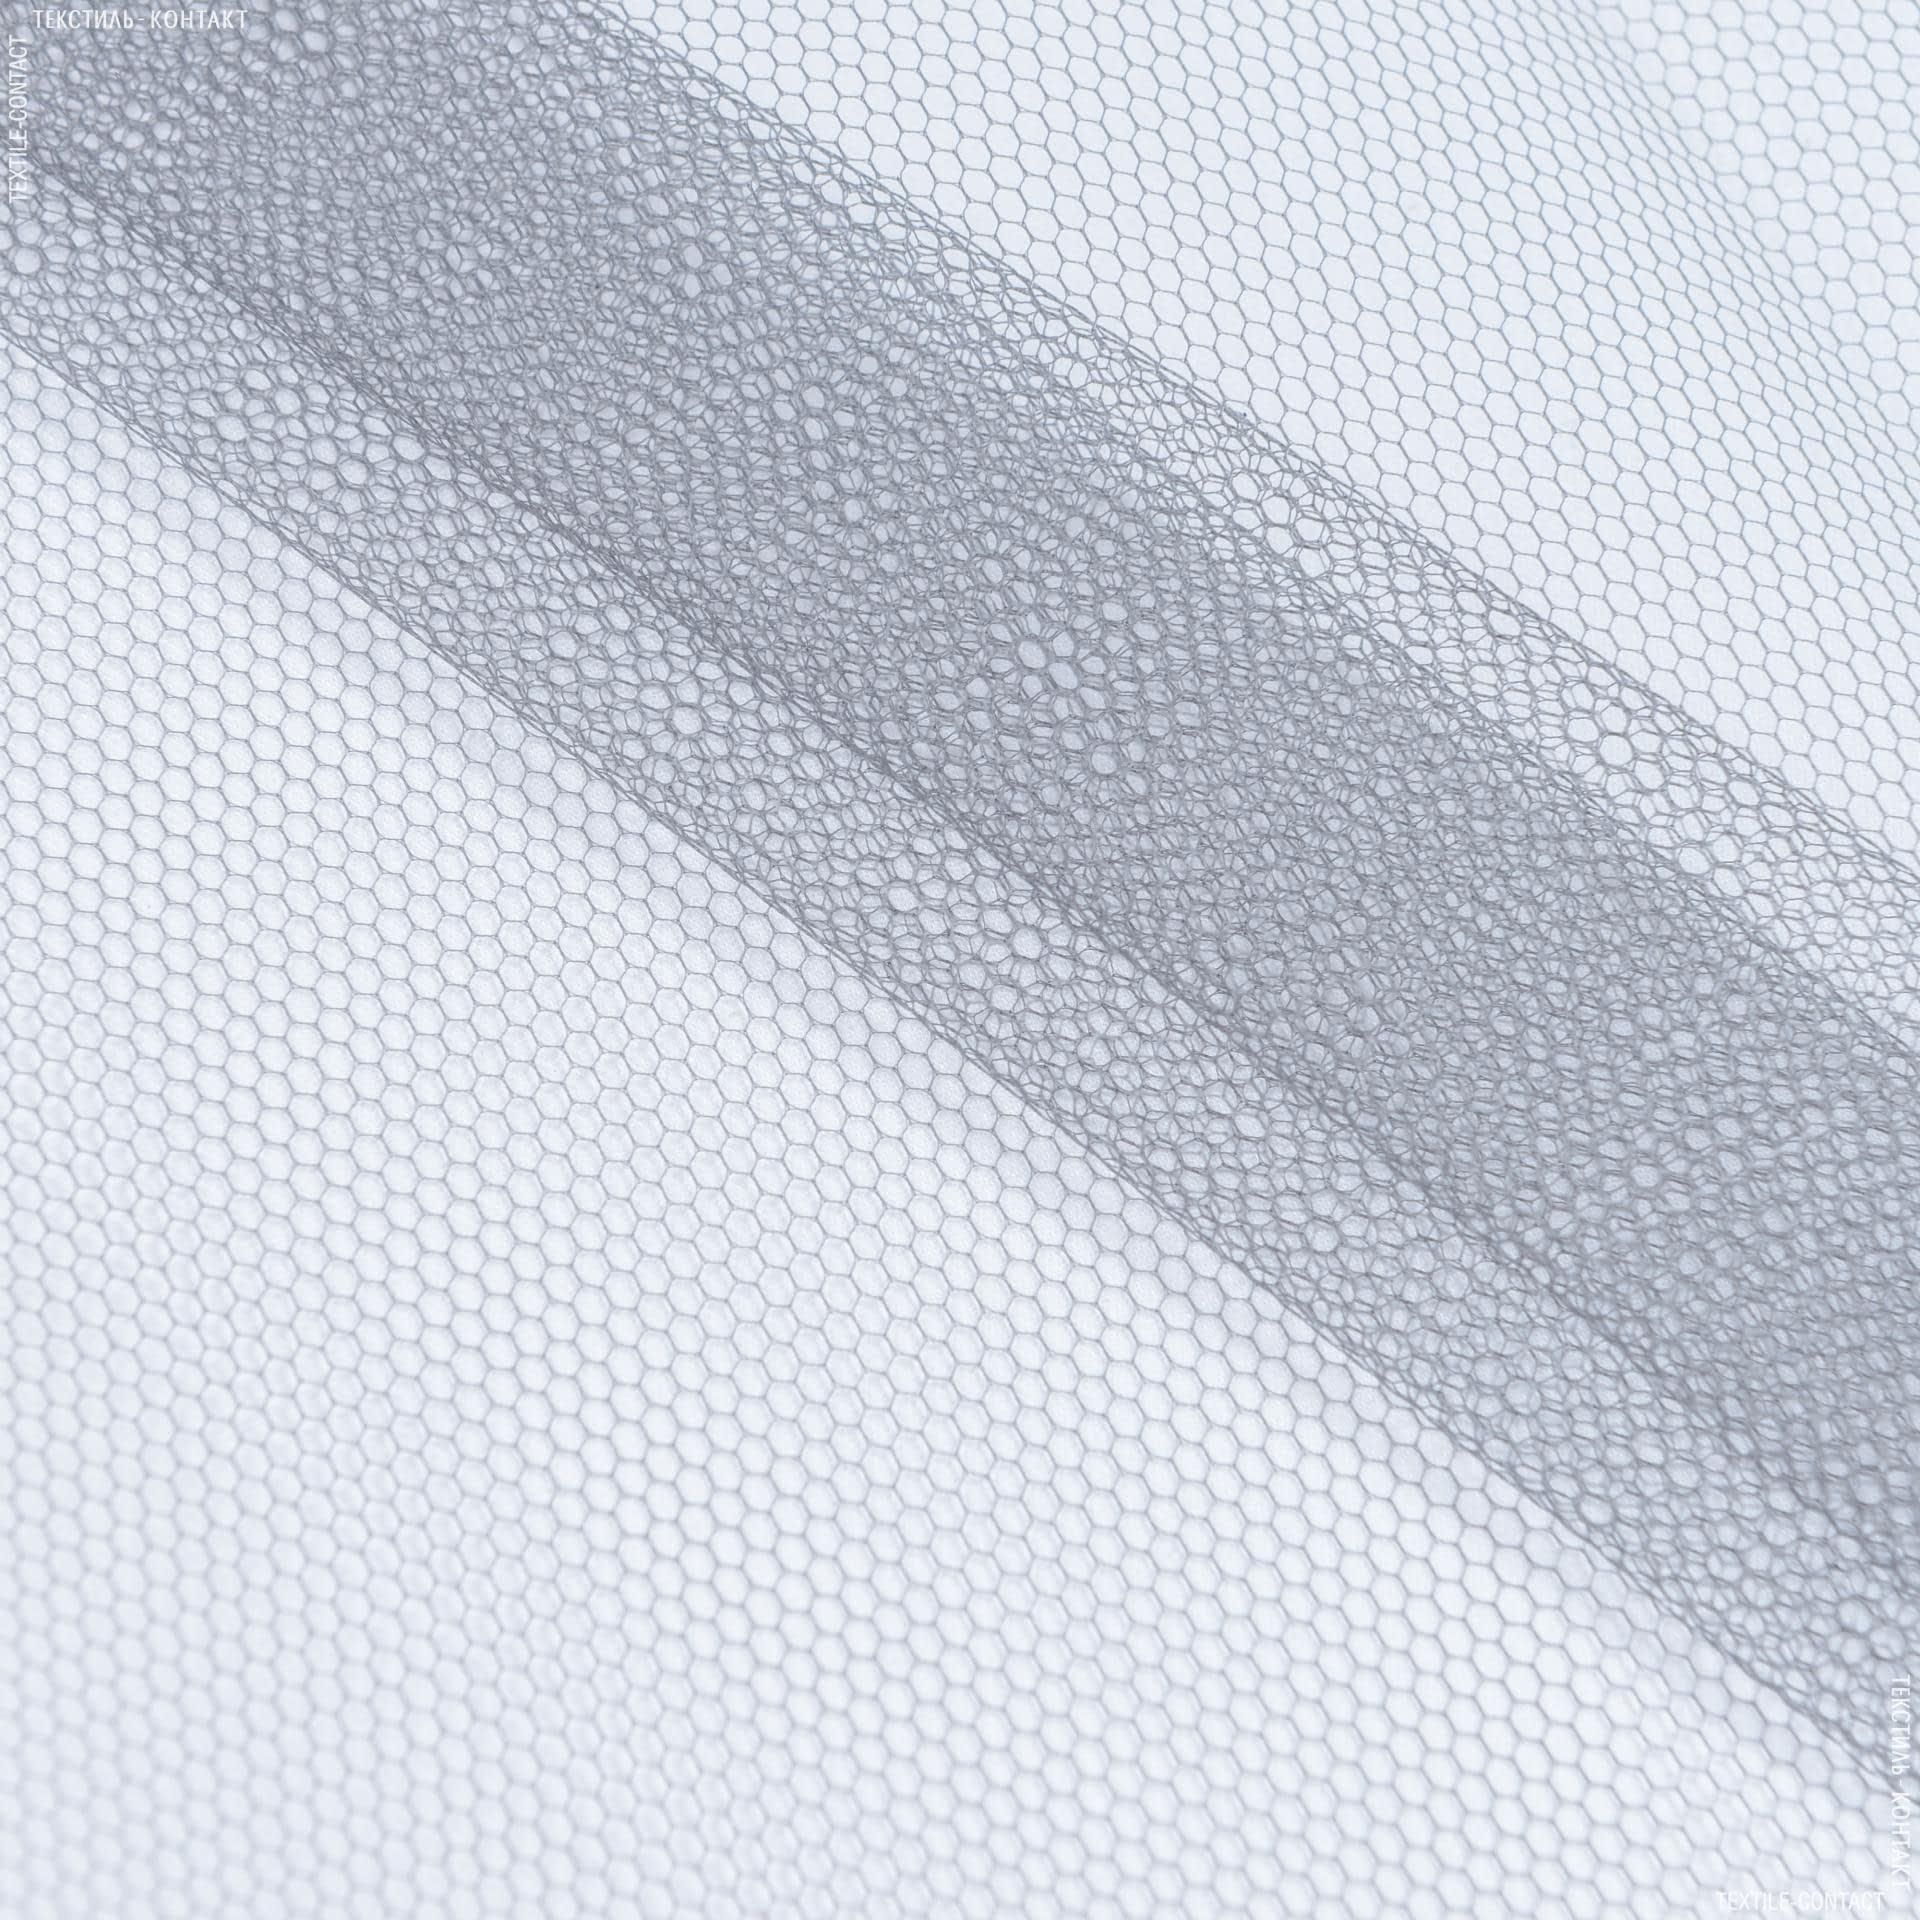 Тканини для суконь - Фатин жорсткий темно-сірий